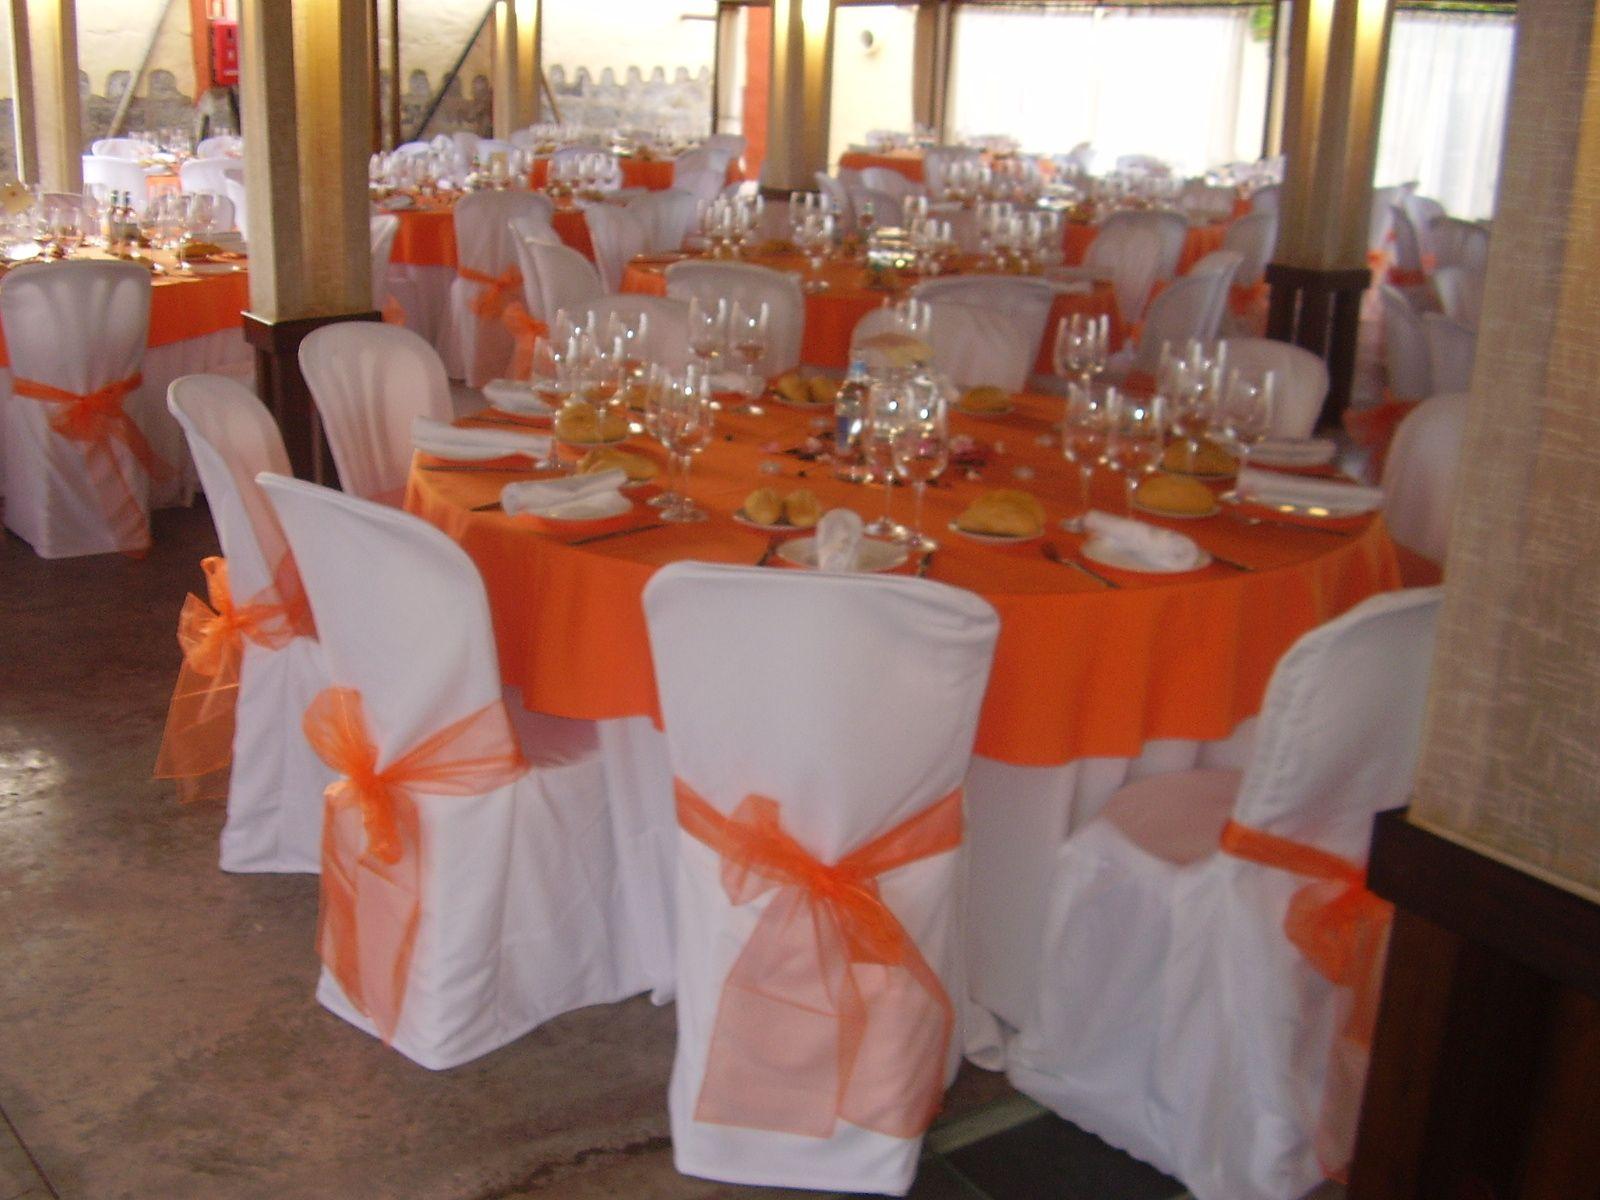 Manteleria naranja manteleria pinterest manteler a for Decoracion naranja